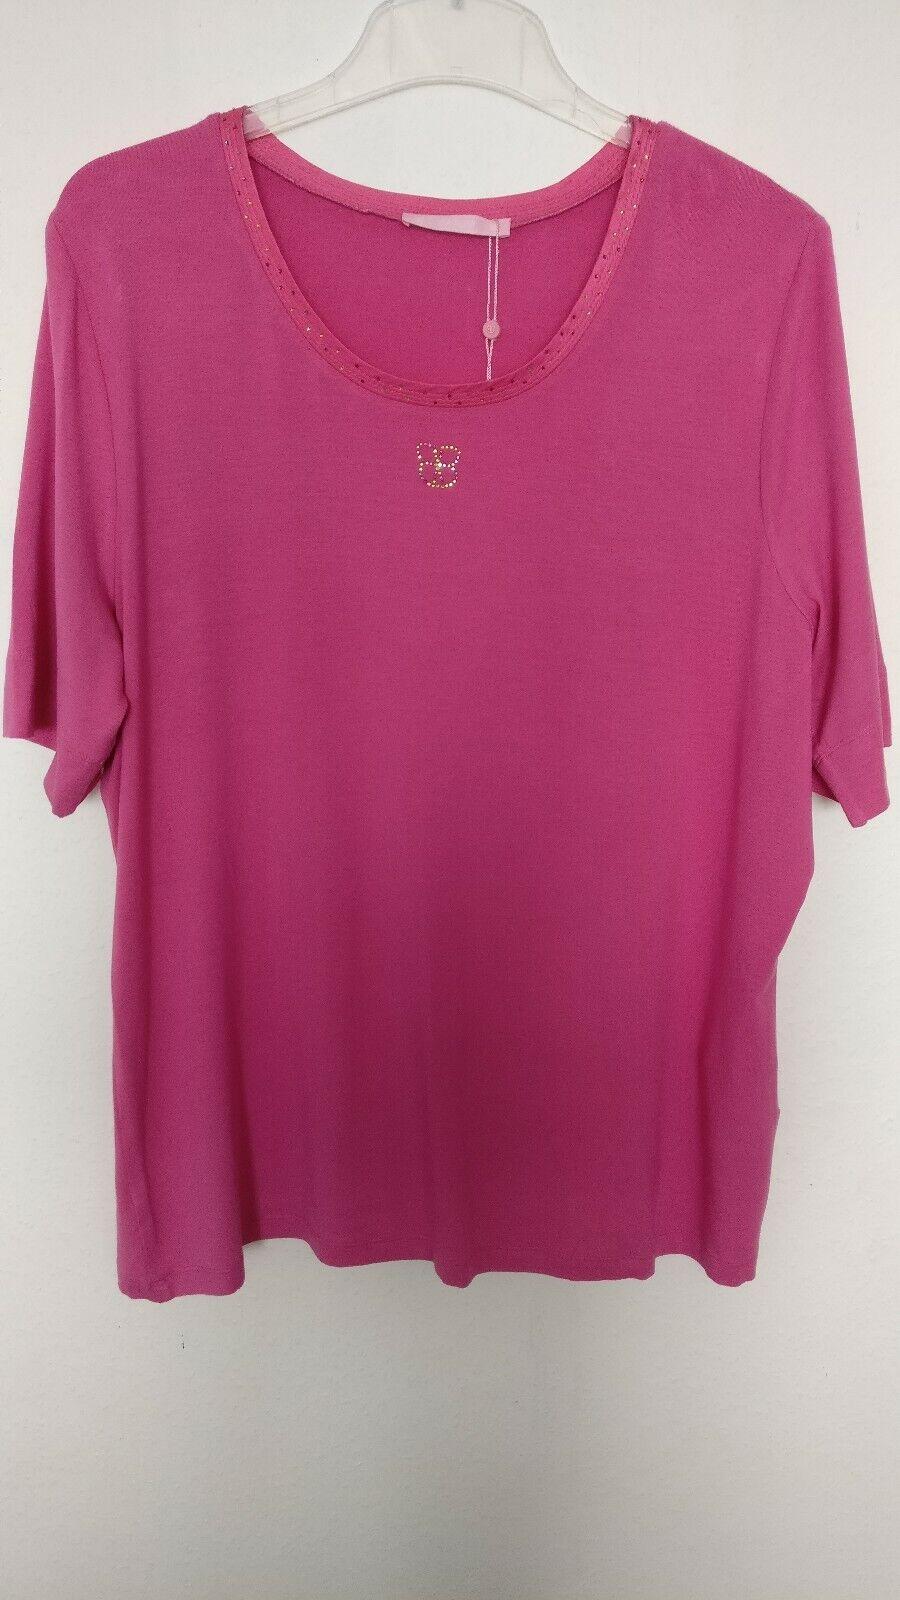 Damen Shirt Von Basler, Gr.46 Gr.46 Gr.46 | Economy  | Günstig  | Ausgezeichnetes Handwerk  | Merkwürdige Form  | Neuer Stil  4adc8d